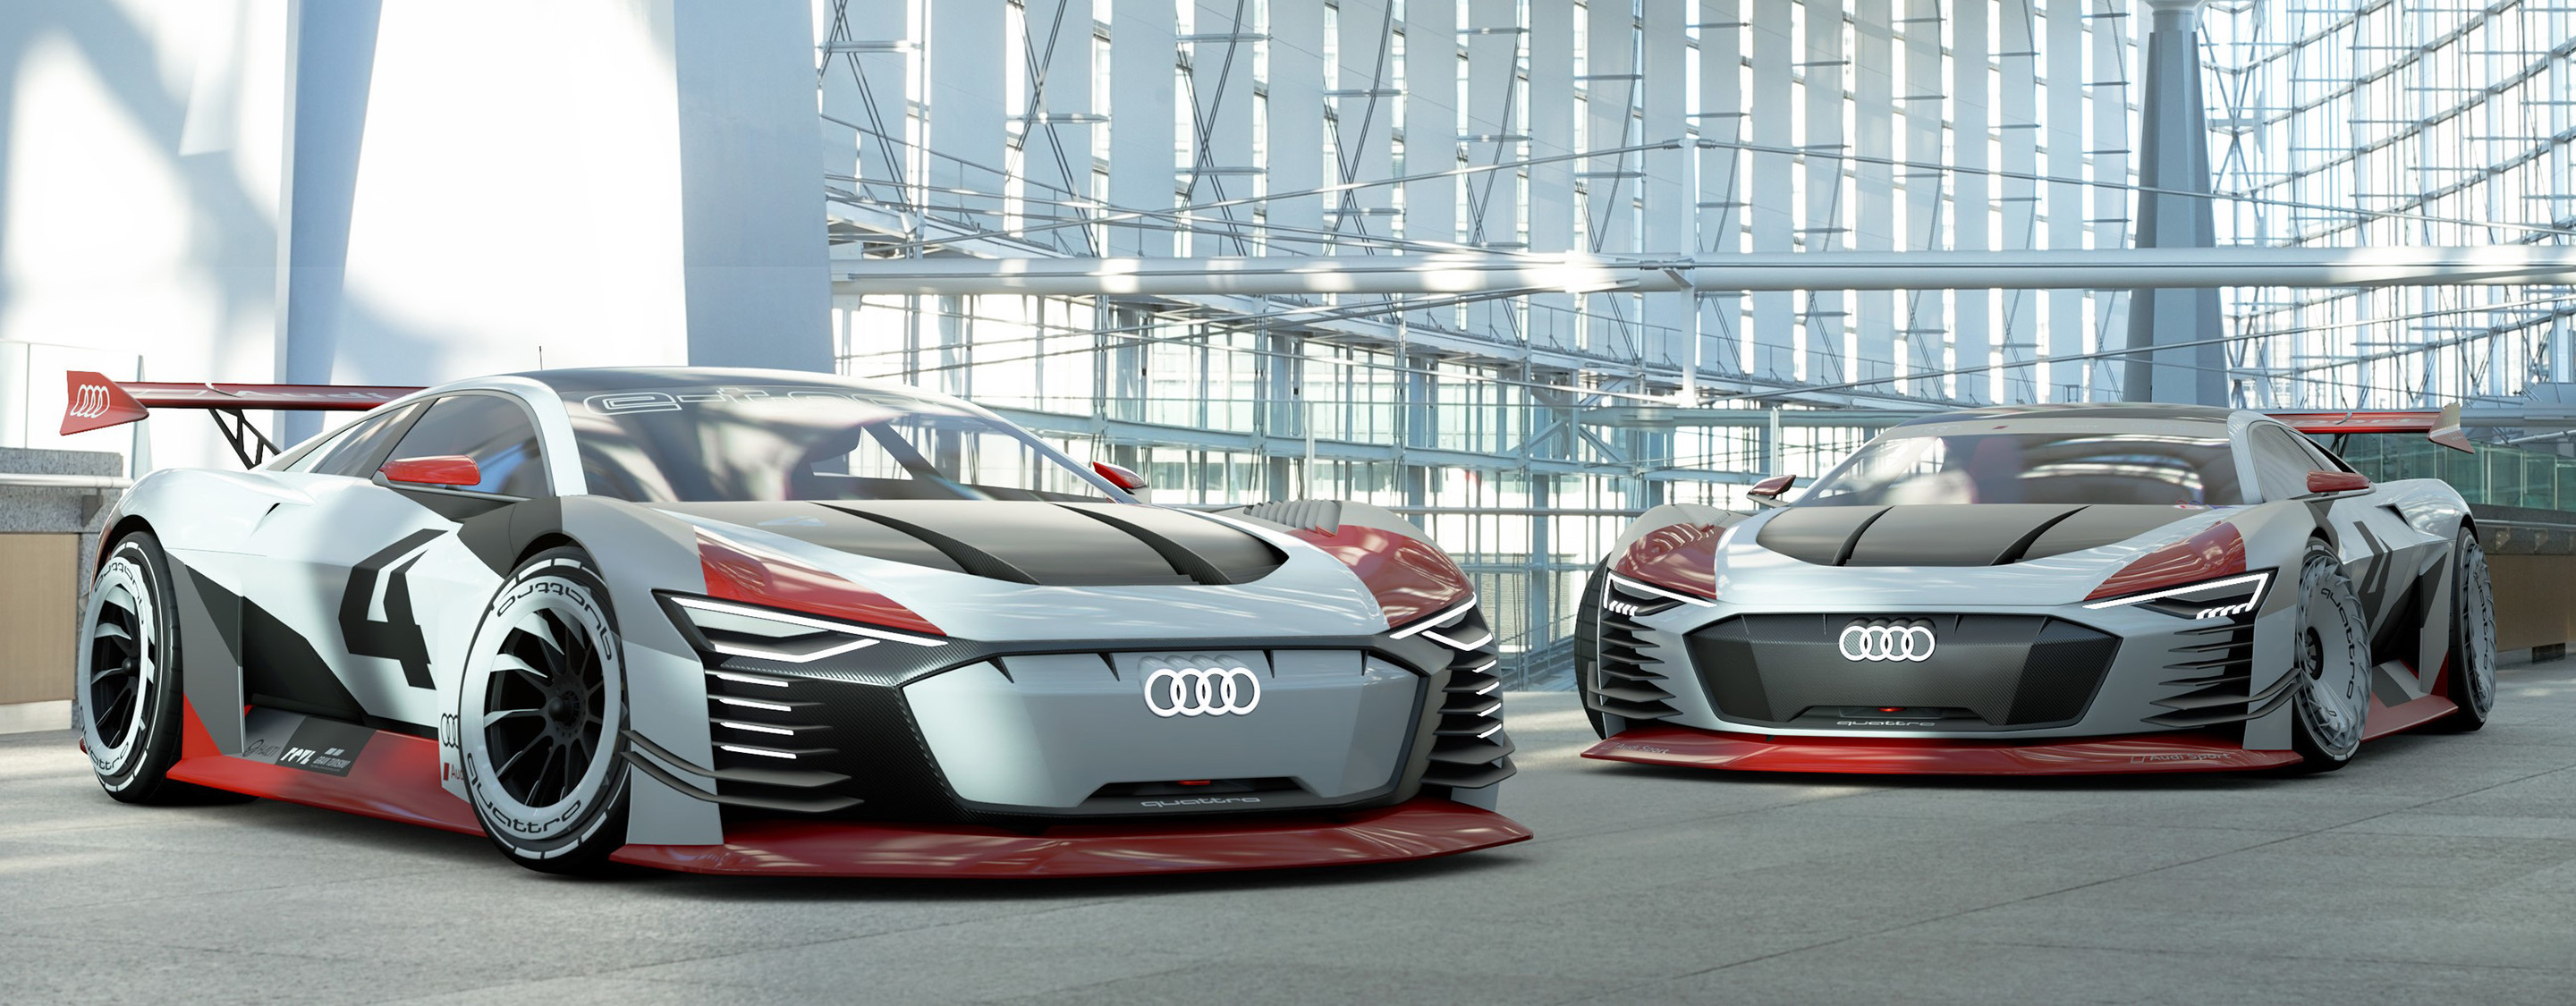 TrackWorthy - Audi e-tron Vision Gran Turismo (8)